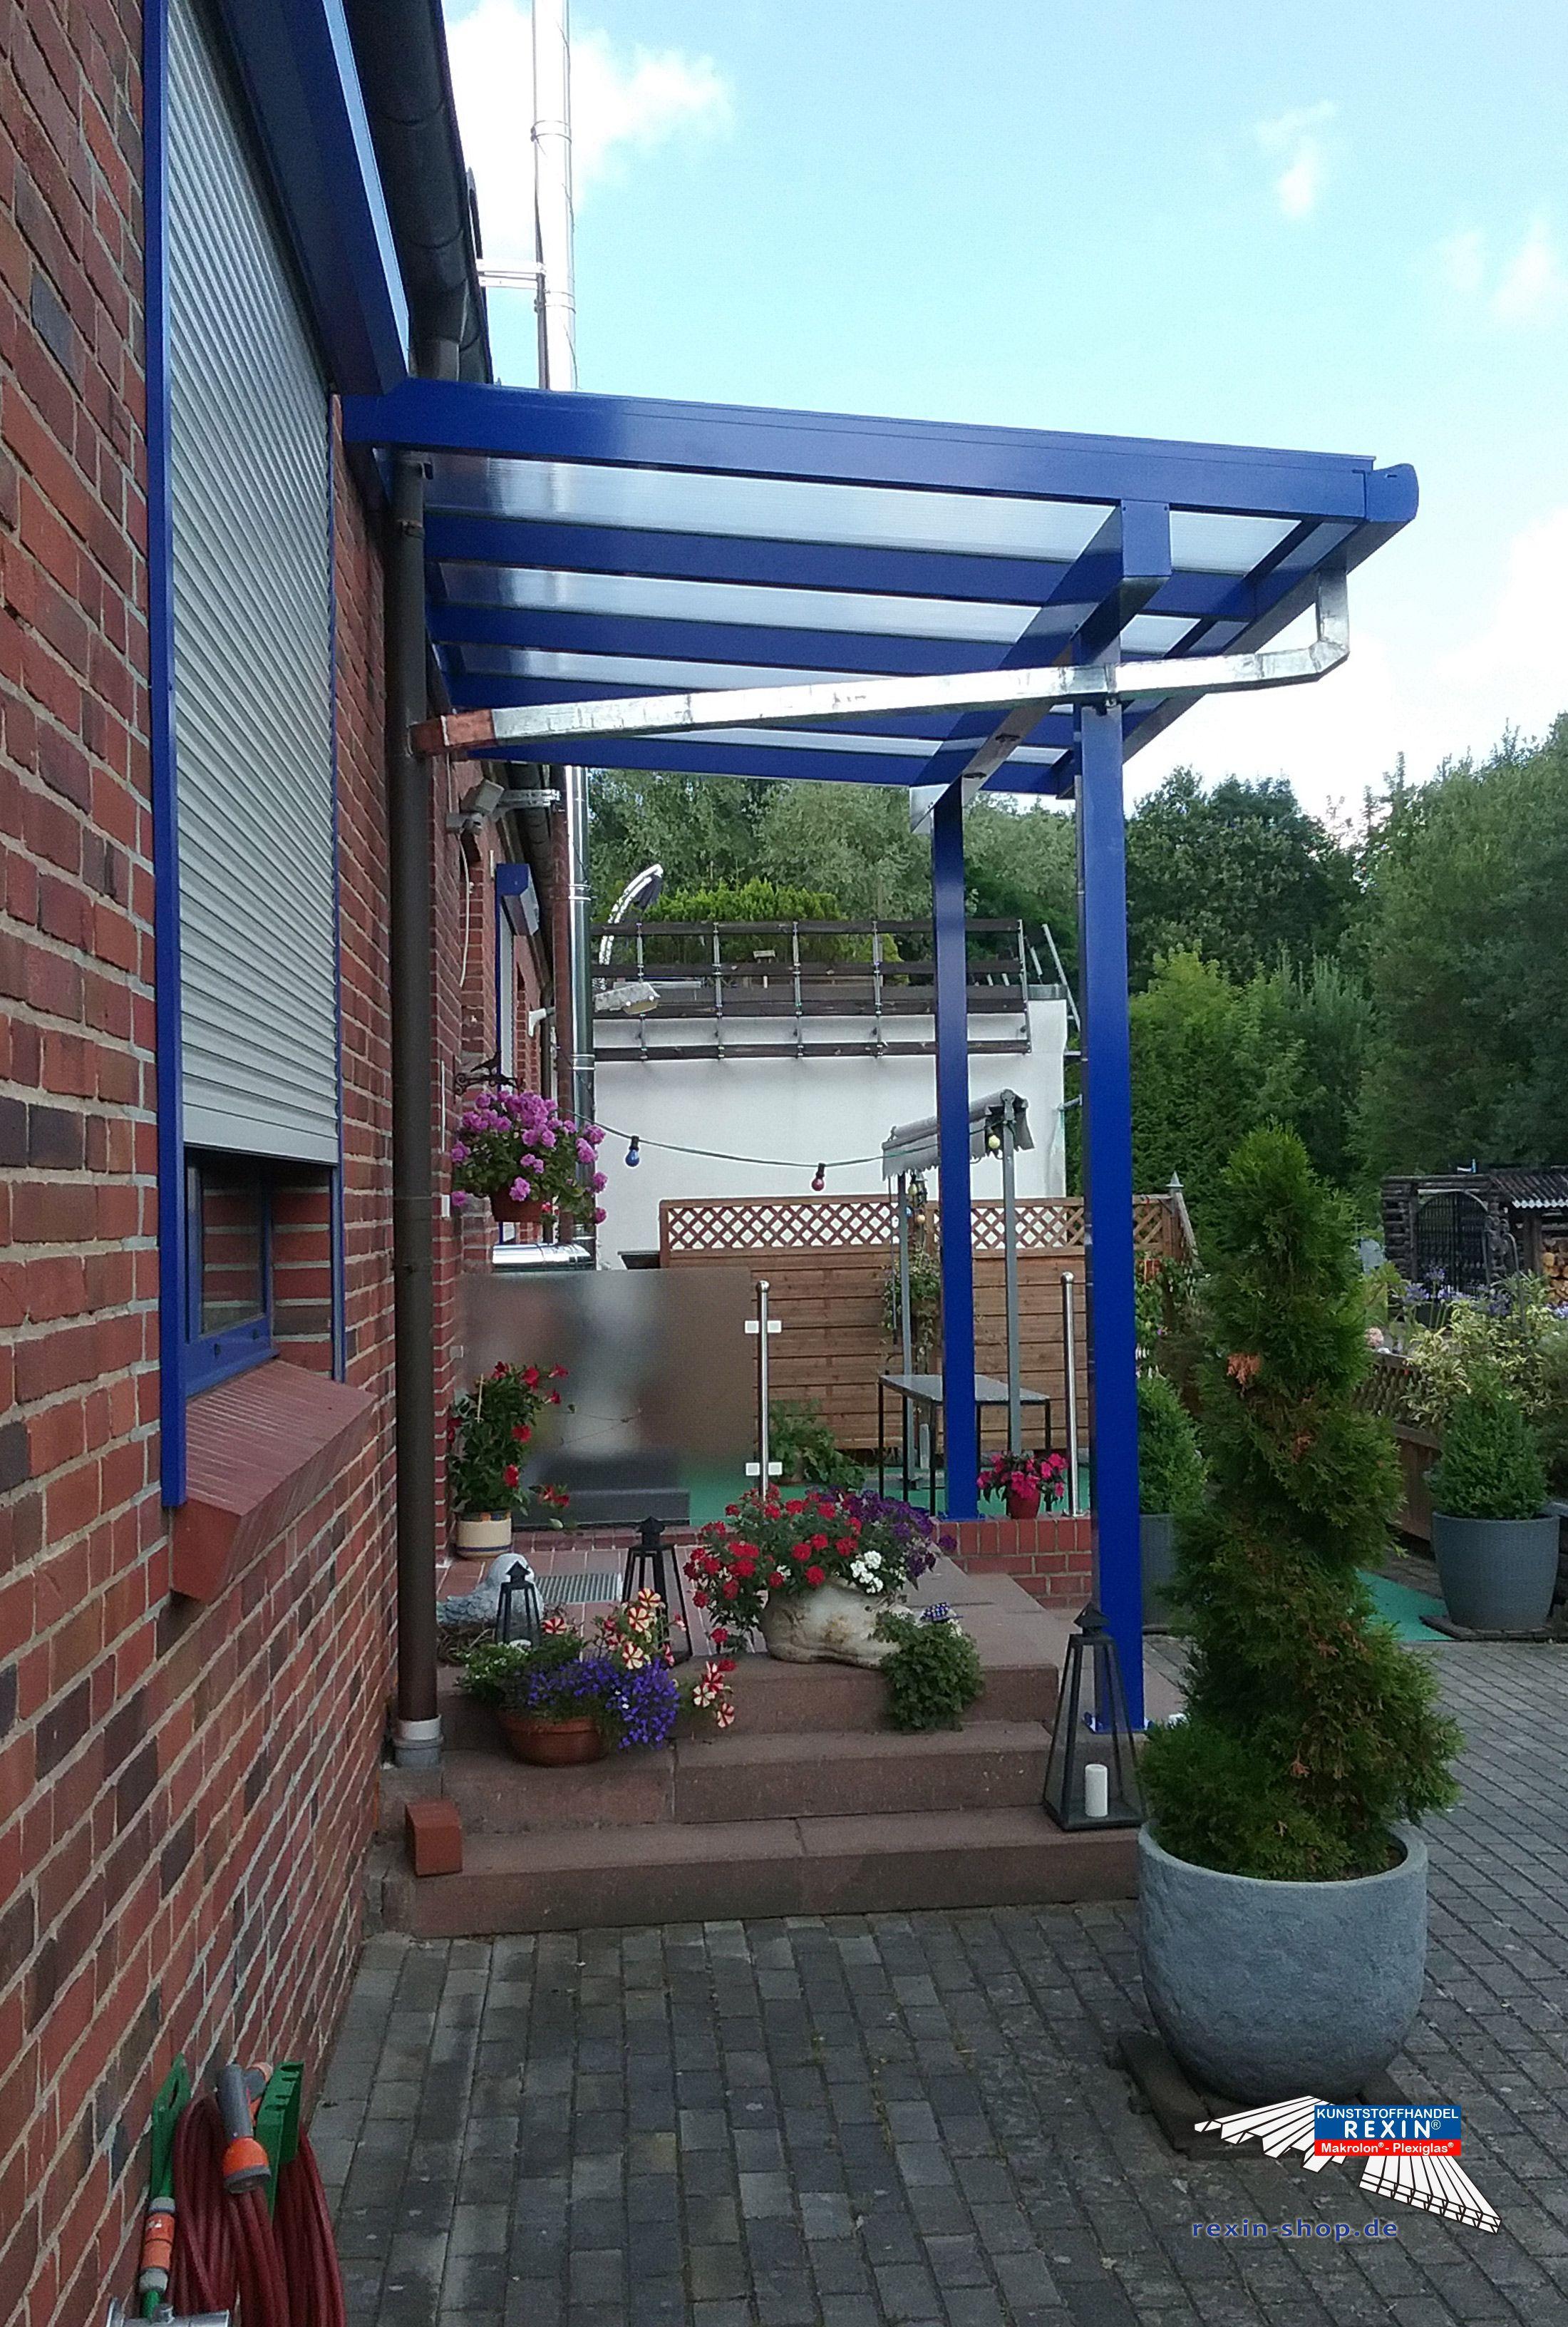 ee89477986fe1deb8c76c7775c4b6c62 Inspiration Sichtschutz Balkon Einseitig Durchsichtig Schema